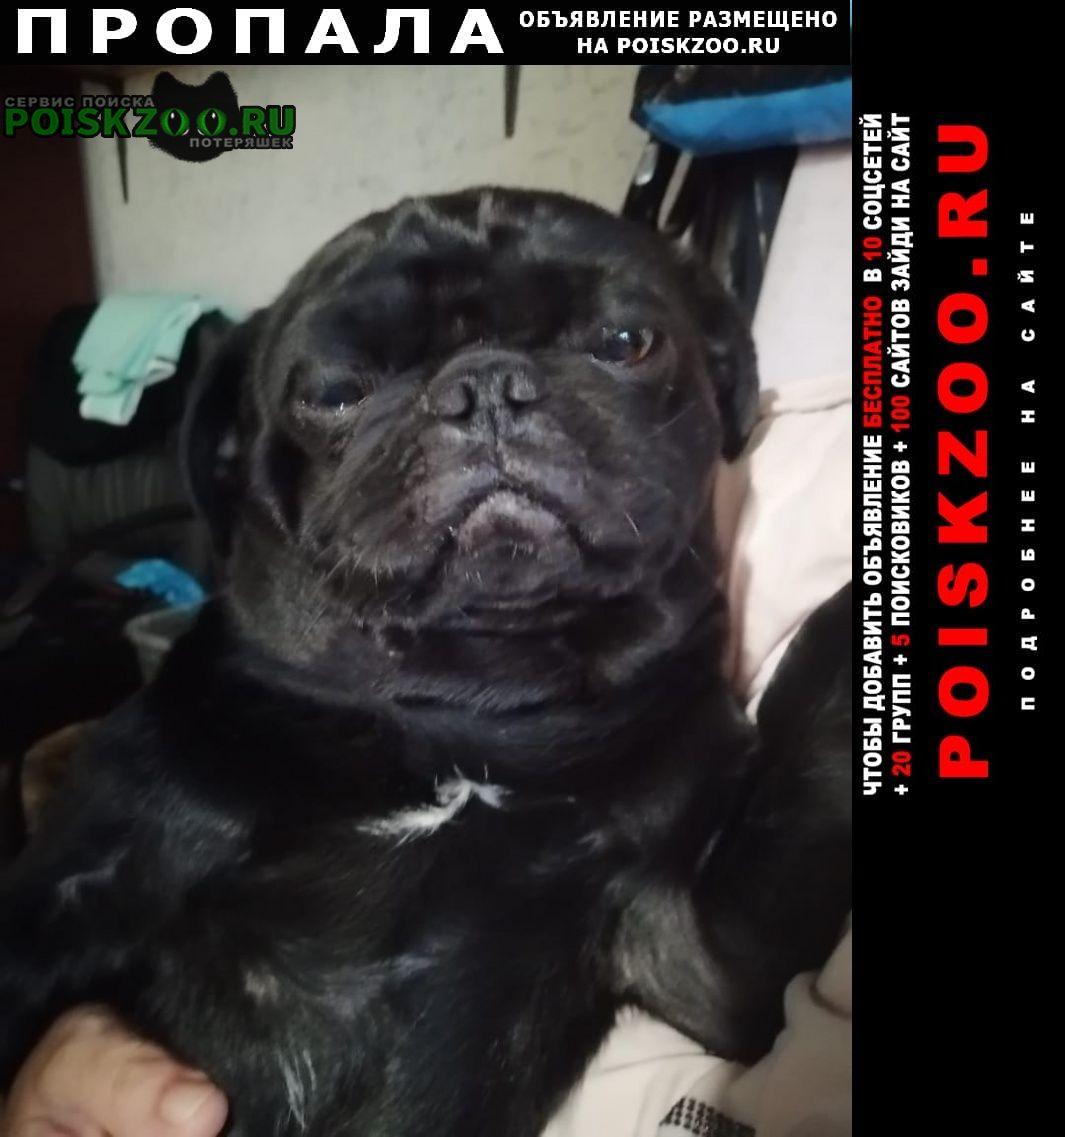 Пропала собака кобель чёрный мопс Москва